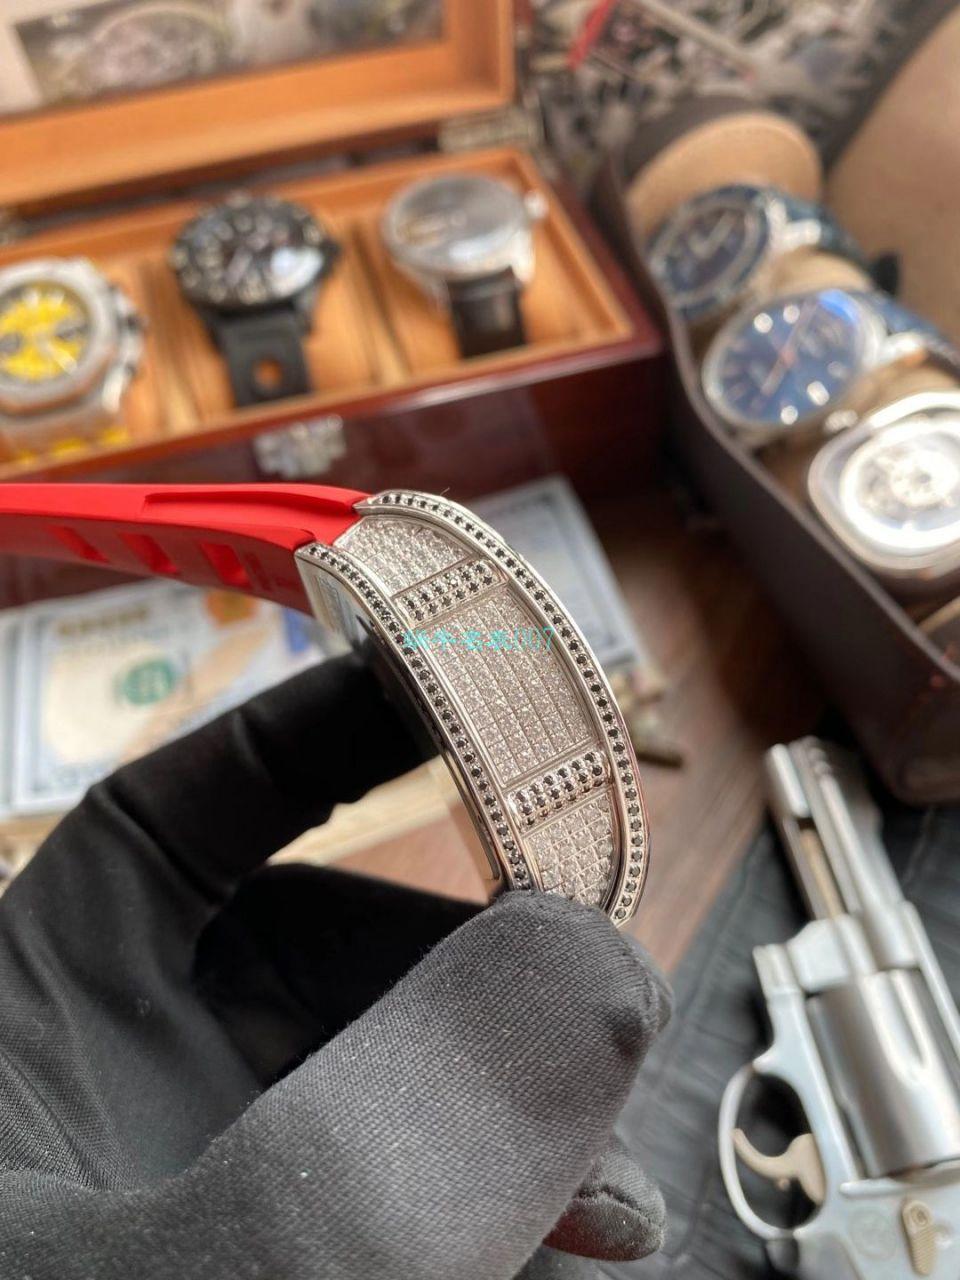 定制款理查德米勒RM 51-01龙虎满钻真超A高仿陀飞轮手表 / RM 51-01